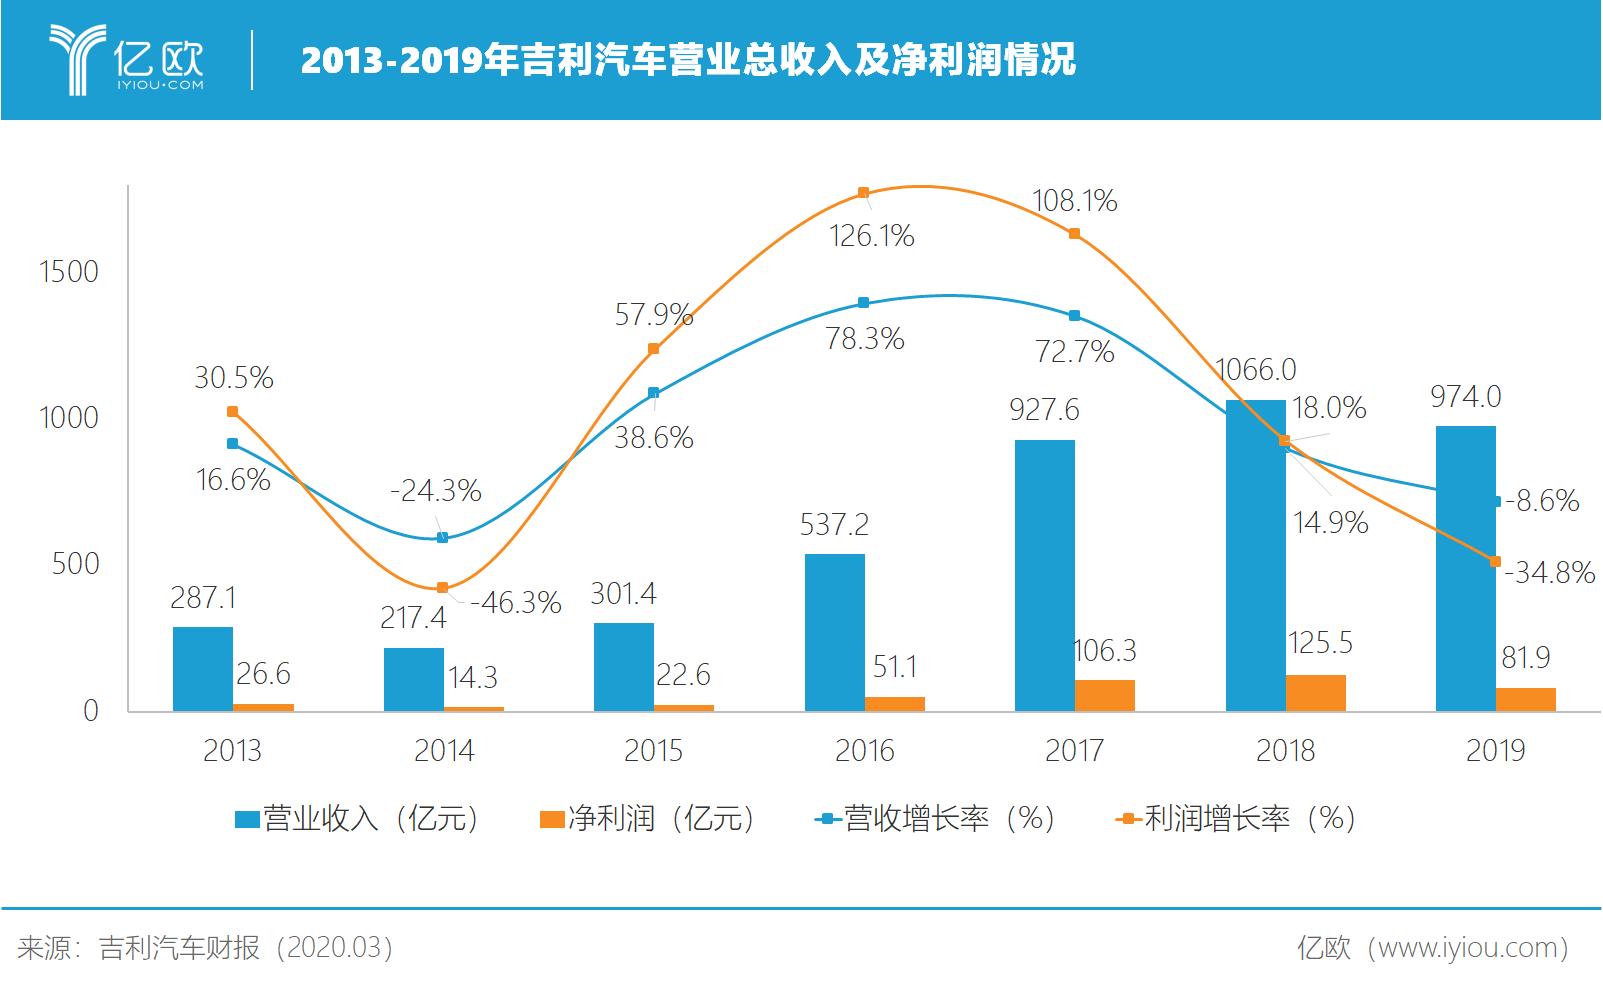 2013-2019年吉利汽车业务总收入及净利润情况